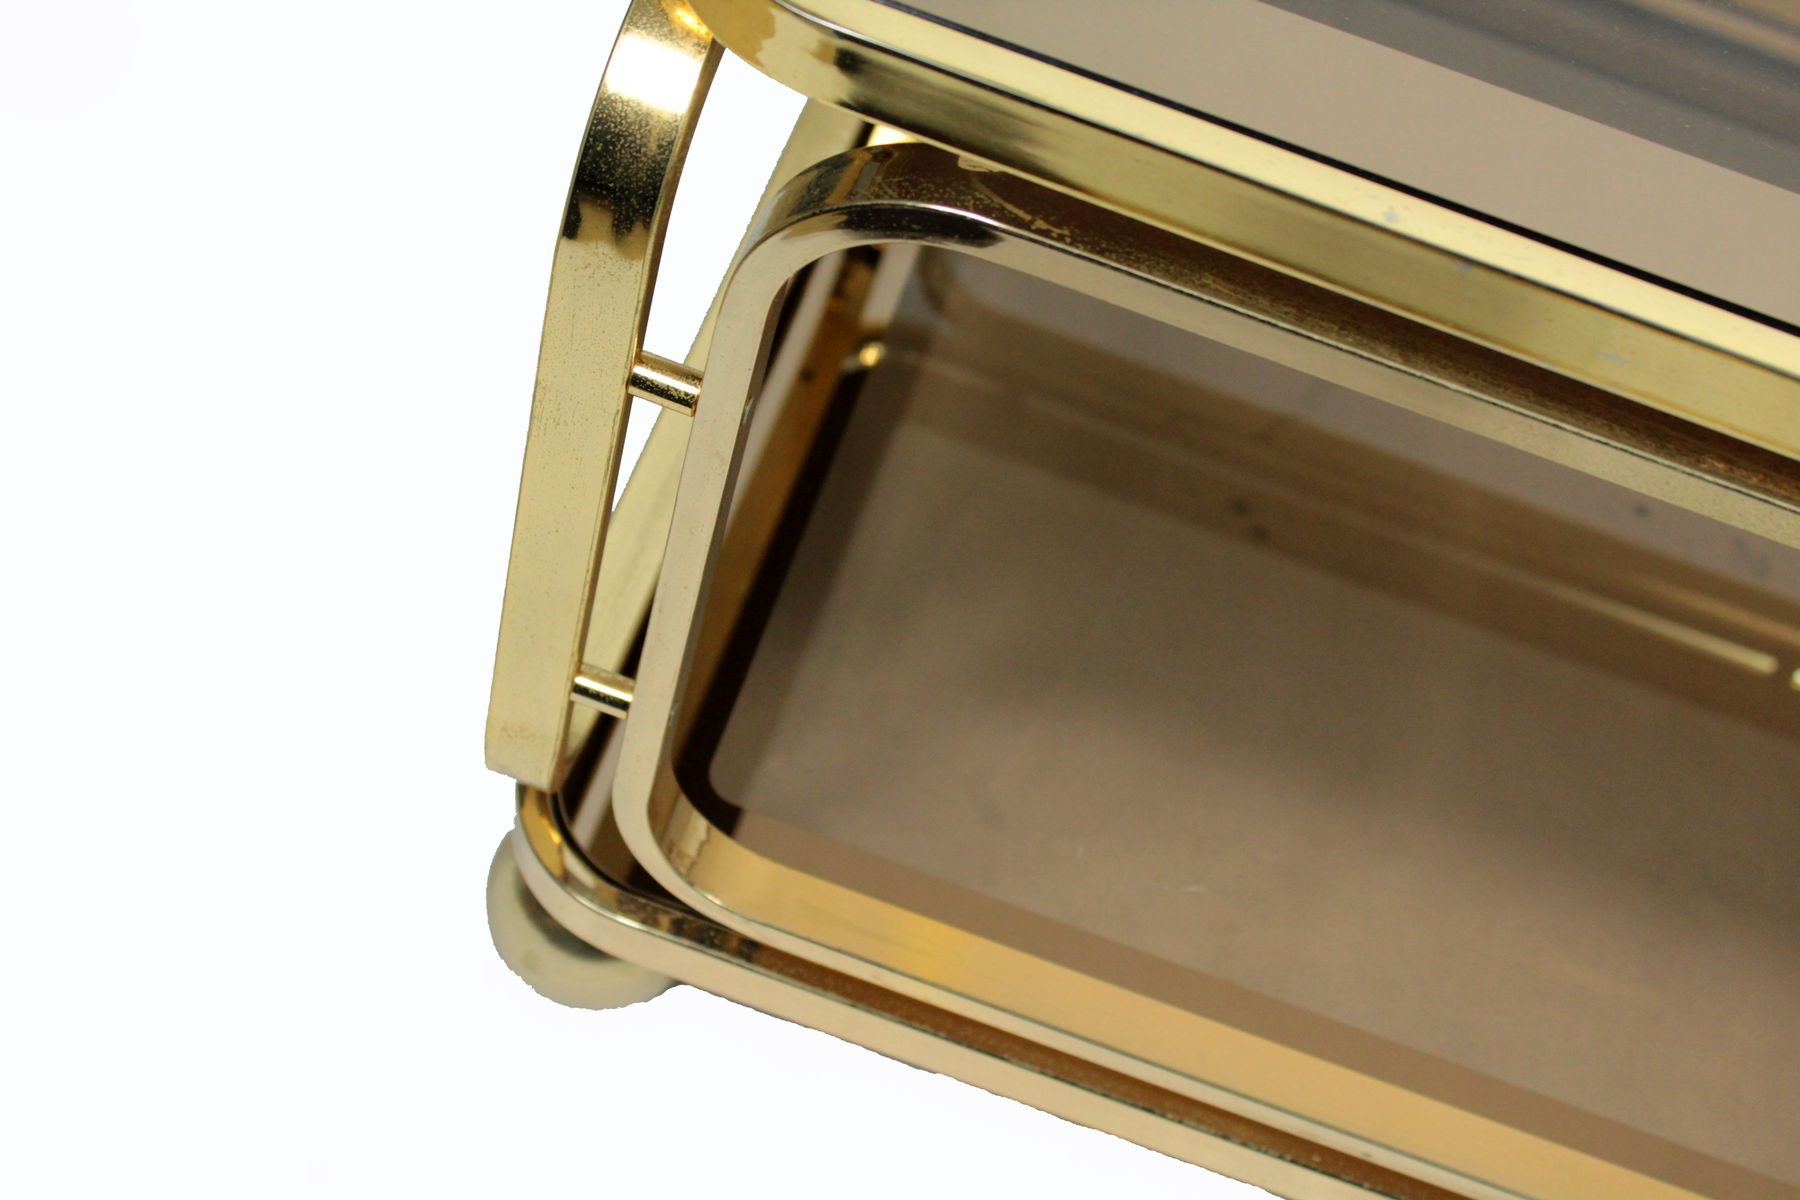 Vintage smoked glass ottone couchtisch von allegri for Design couchtisch hn 777